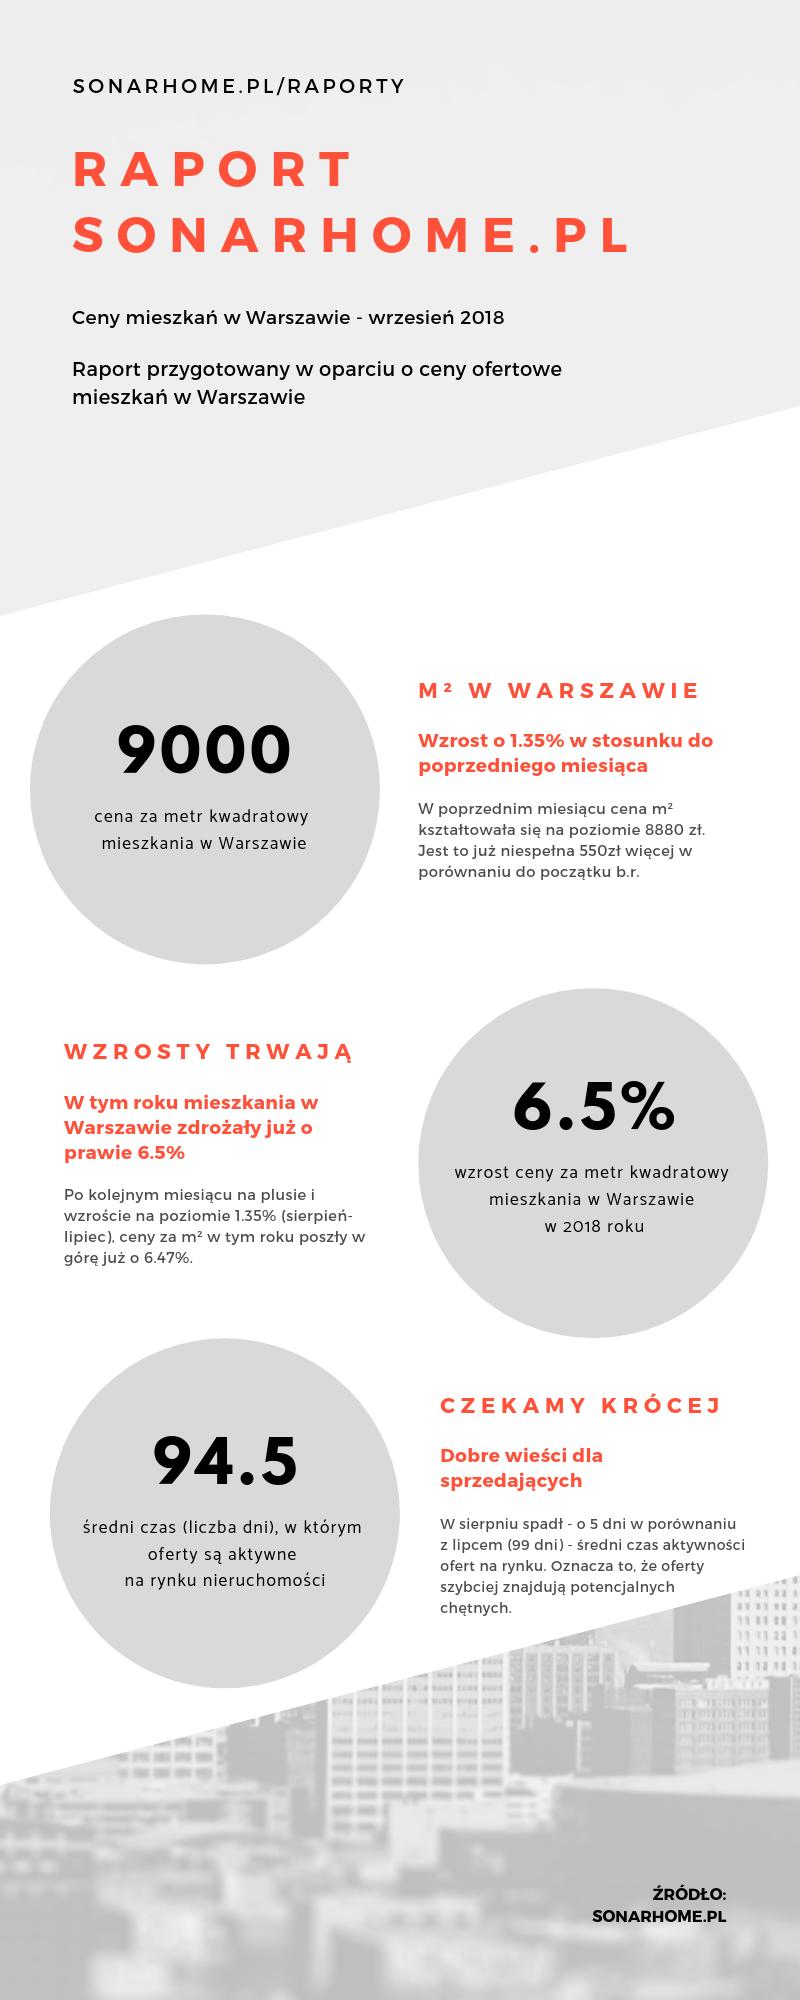 Ceny mieszkań w Warszawie - czerwiec 2018 - infografika